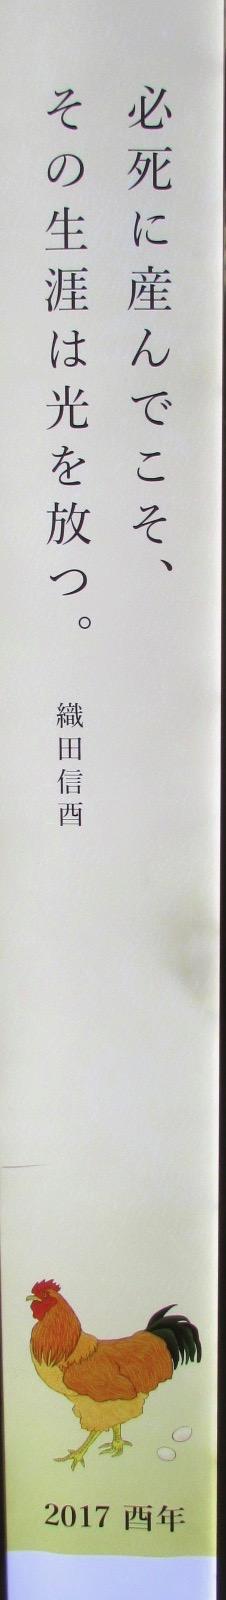 f:id:hiro-jp:20170103181828j:plain